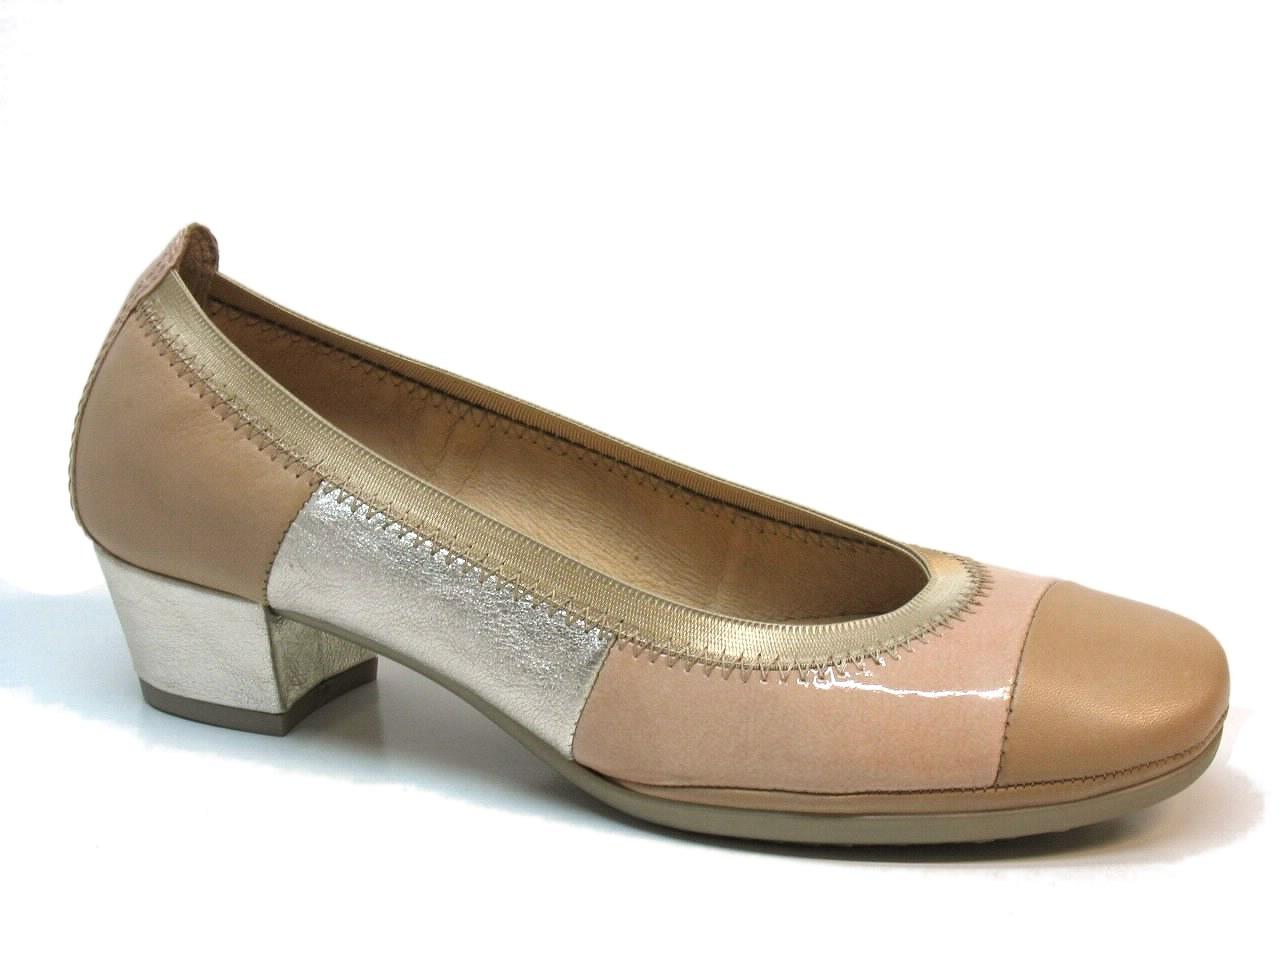 Sapatos de Salto Hispanitas - 165 CHV38033